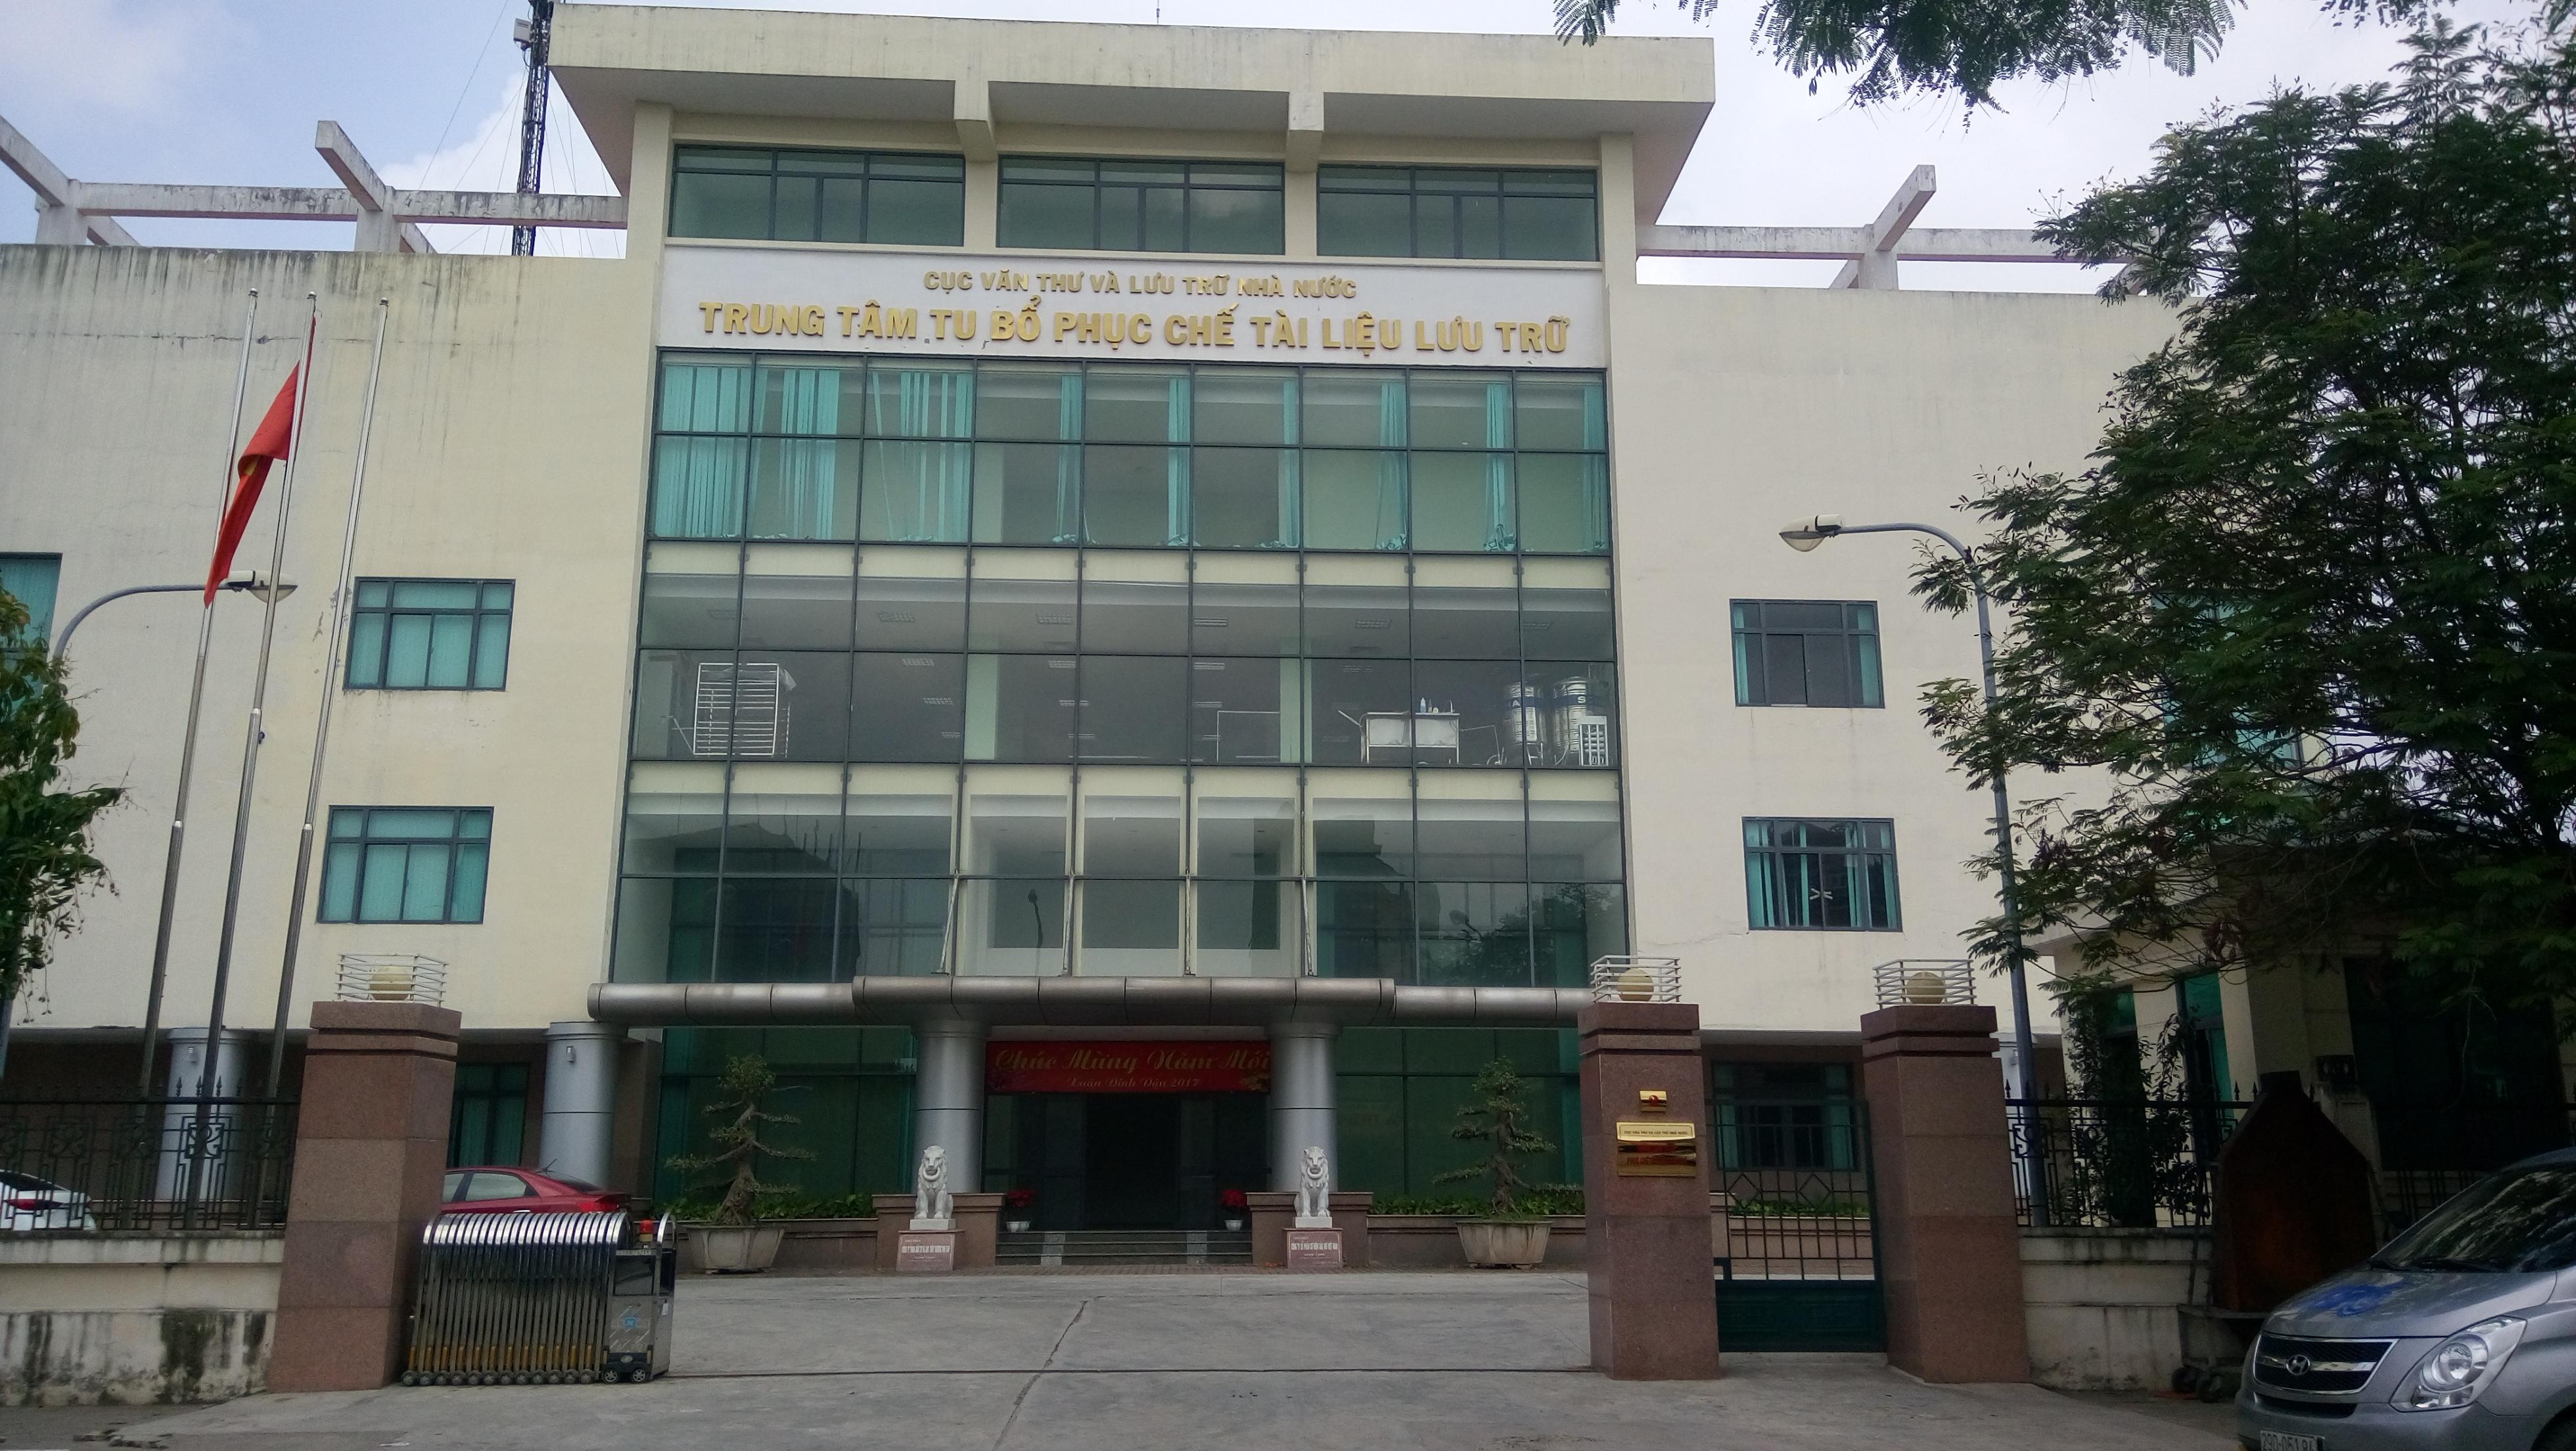 Trung tâm lưu trữ TP Hà Nội chỉ 5 tầng nên Ngọc Phương Bắc có đủ 4 mặt thoáng